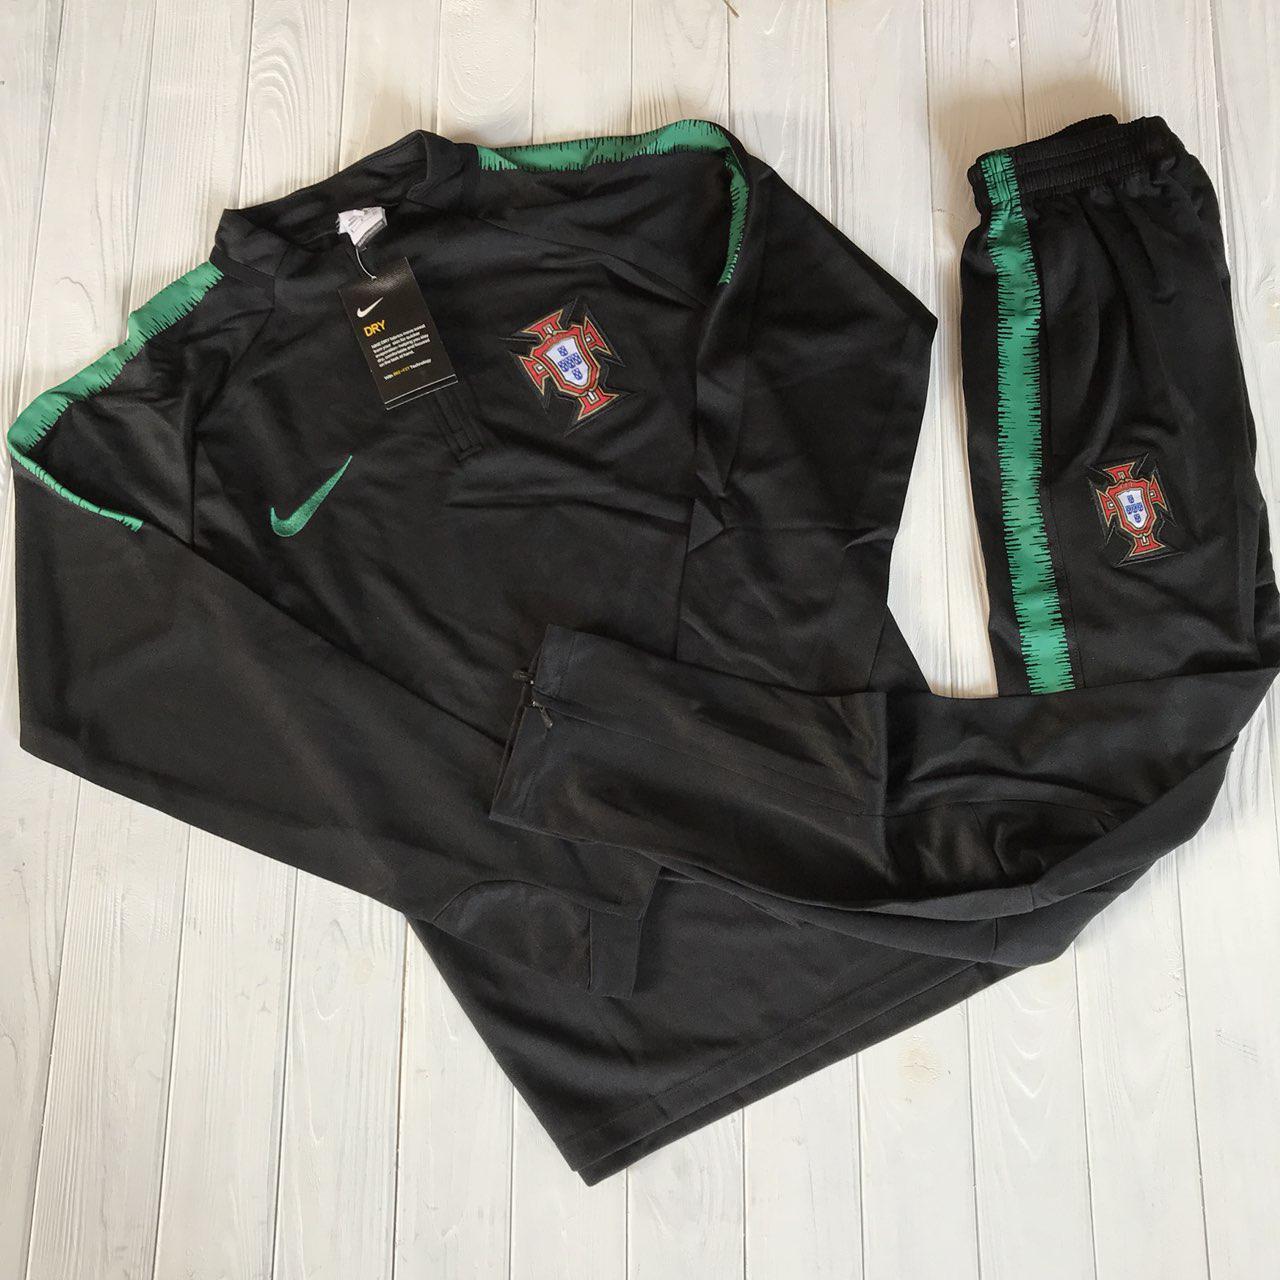 f4b44348caf5 Спортивный (тренировочный ) костюм сборной Португалии (Portugal) 2018-2019  сезона - Sport